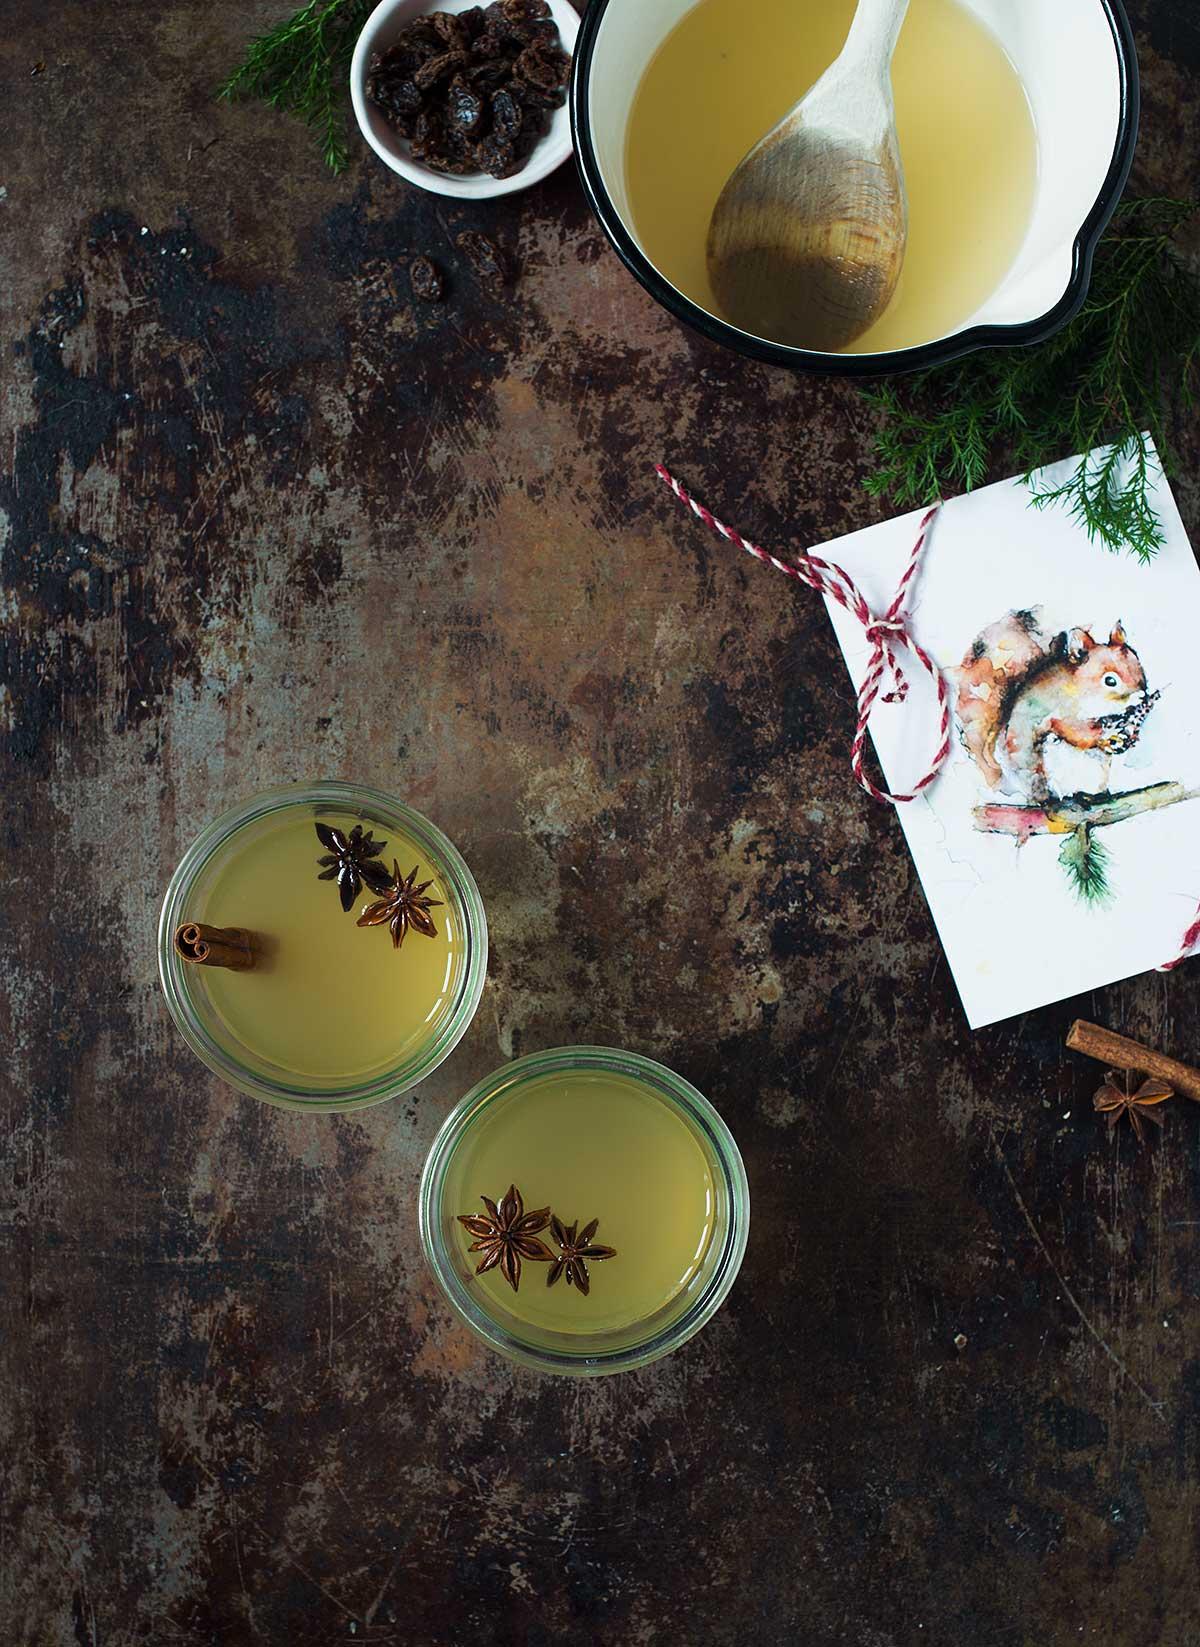 Recept: Vit glögg med äppelmust | Frk. Kräsen